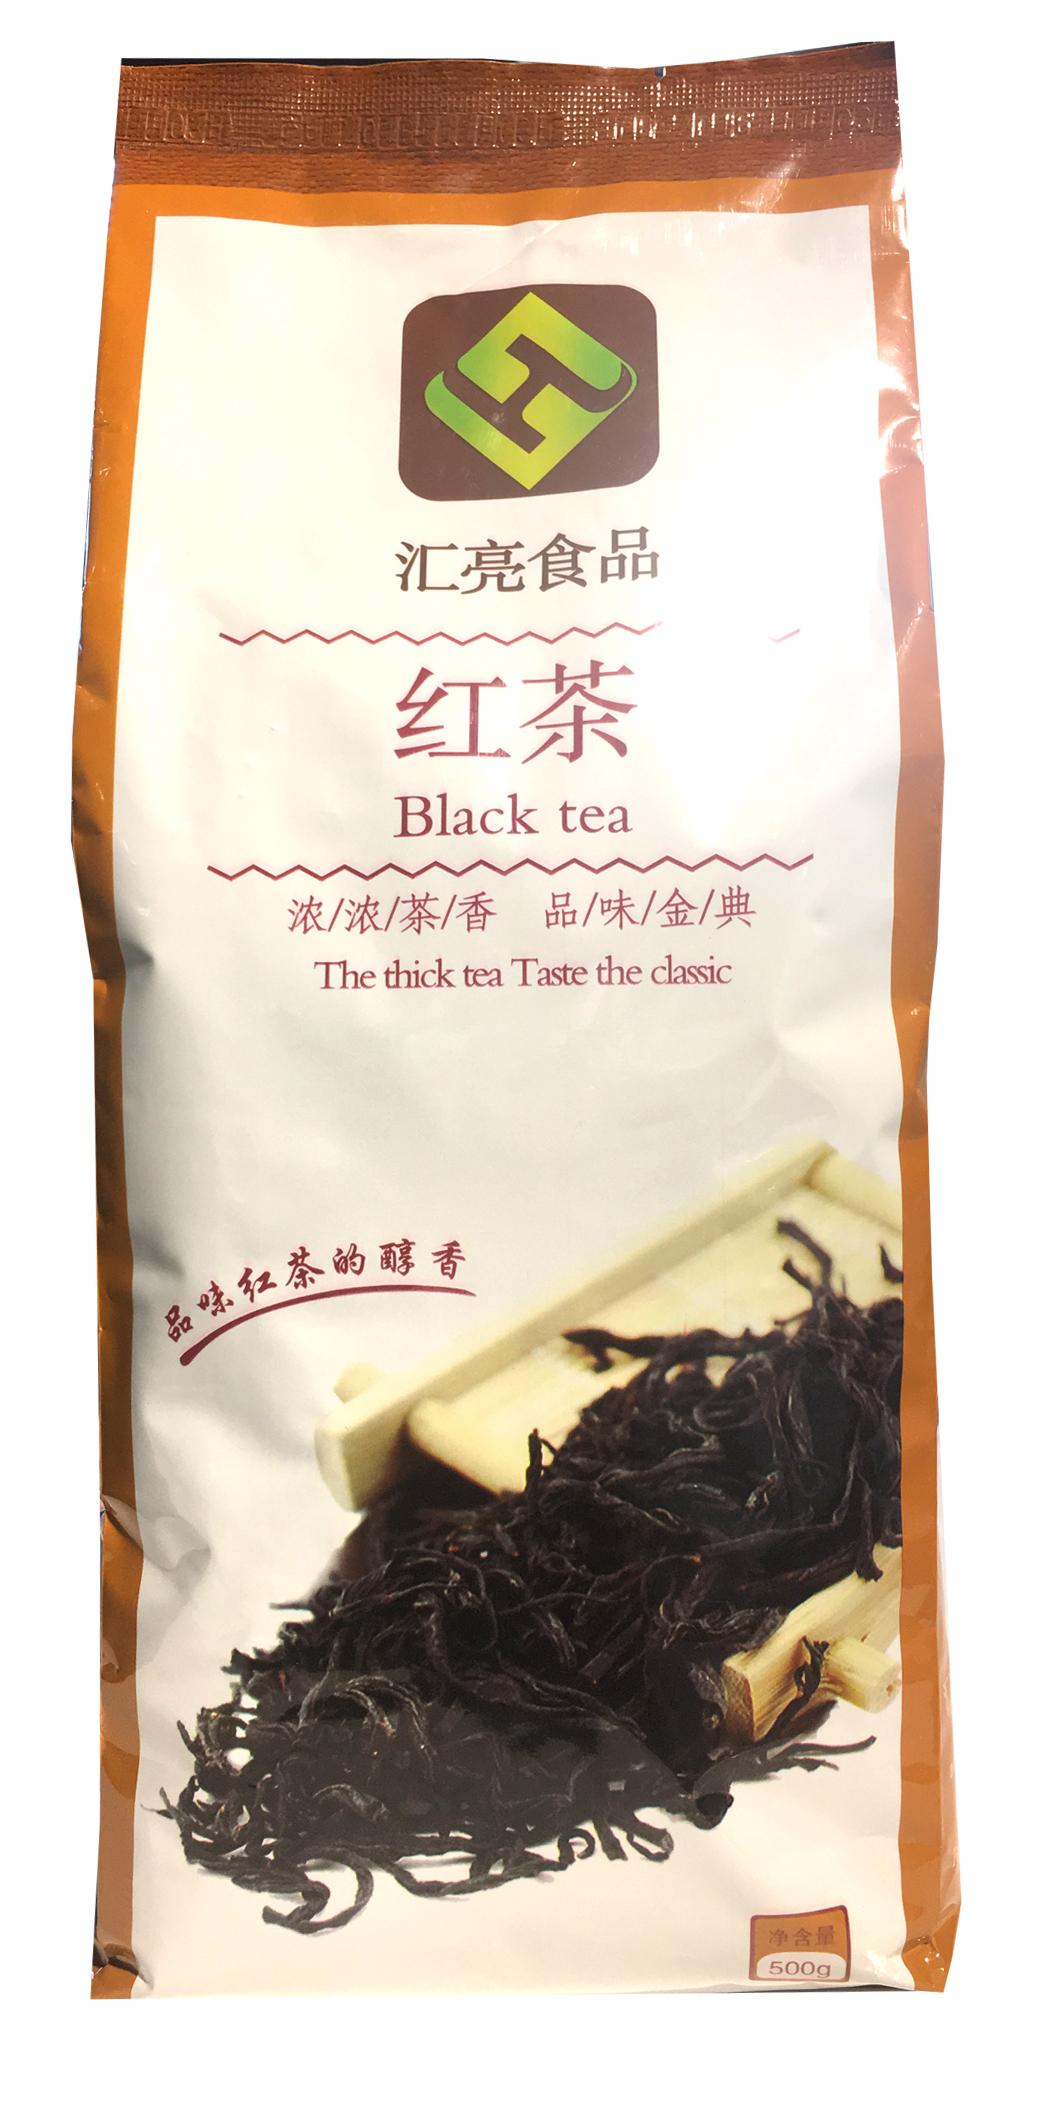 梧州匯亮英式紅茶